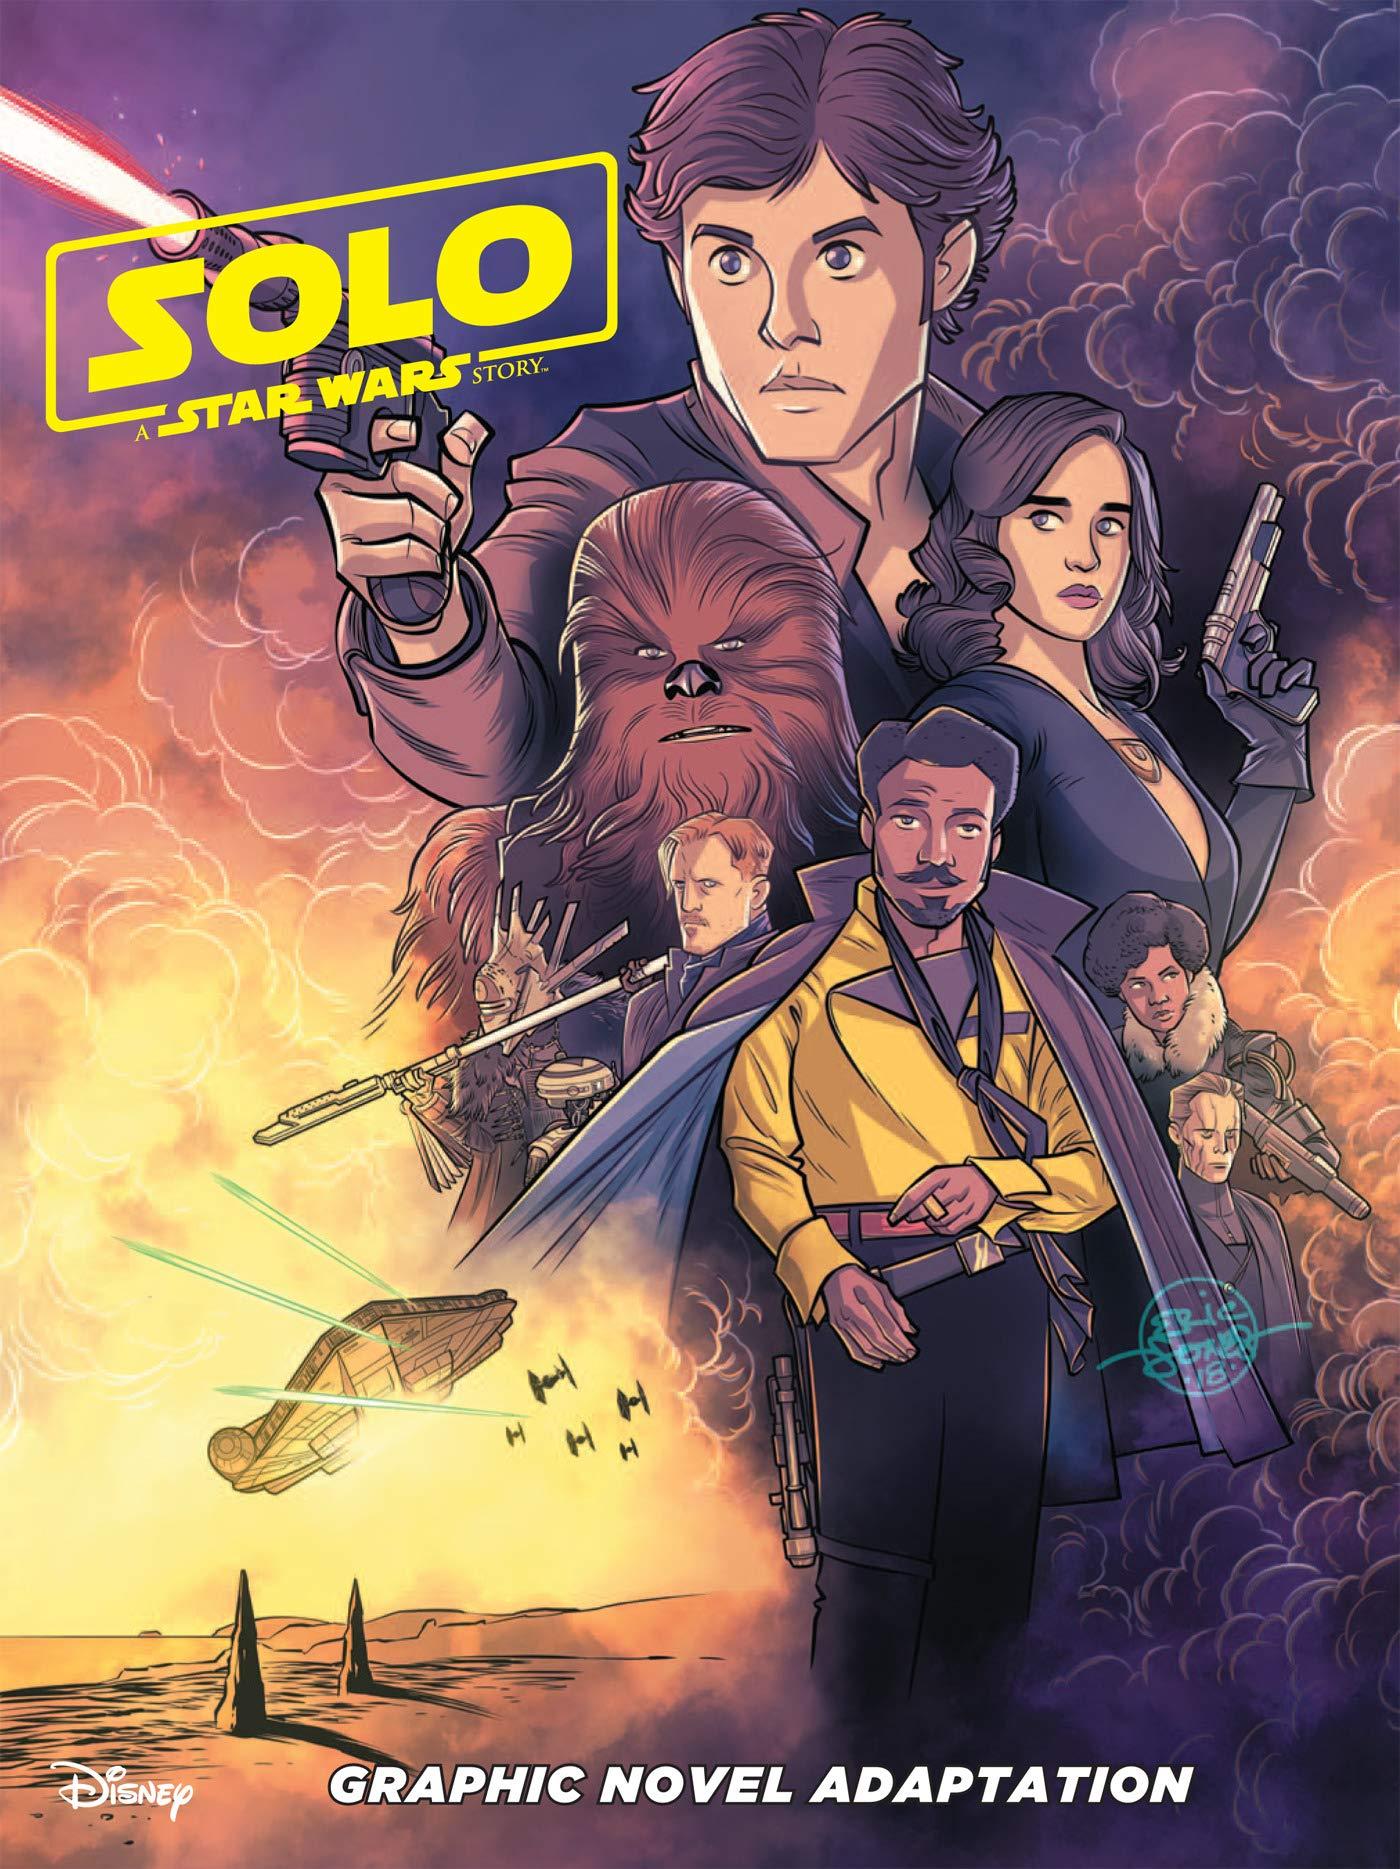 Хан Соло. Звёздные войны: Истории. Графический роман